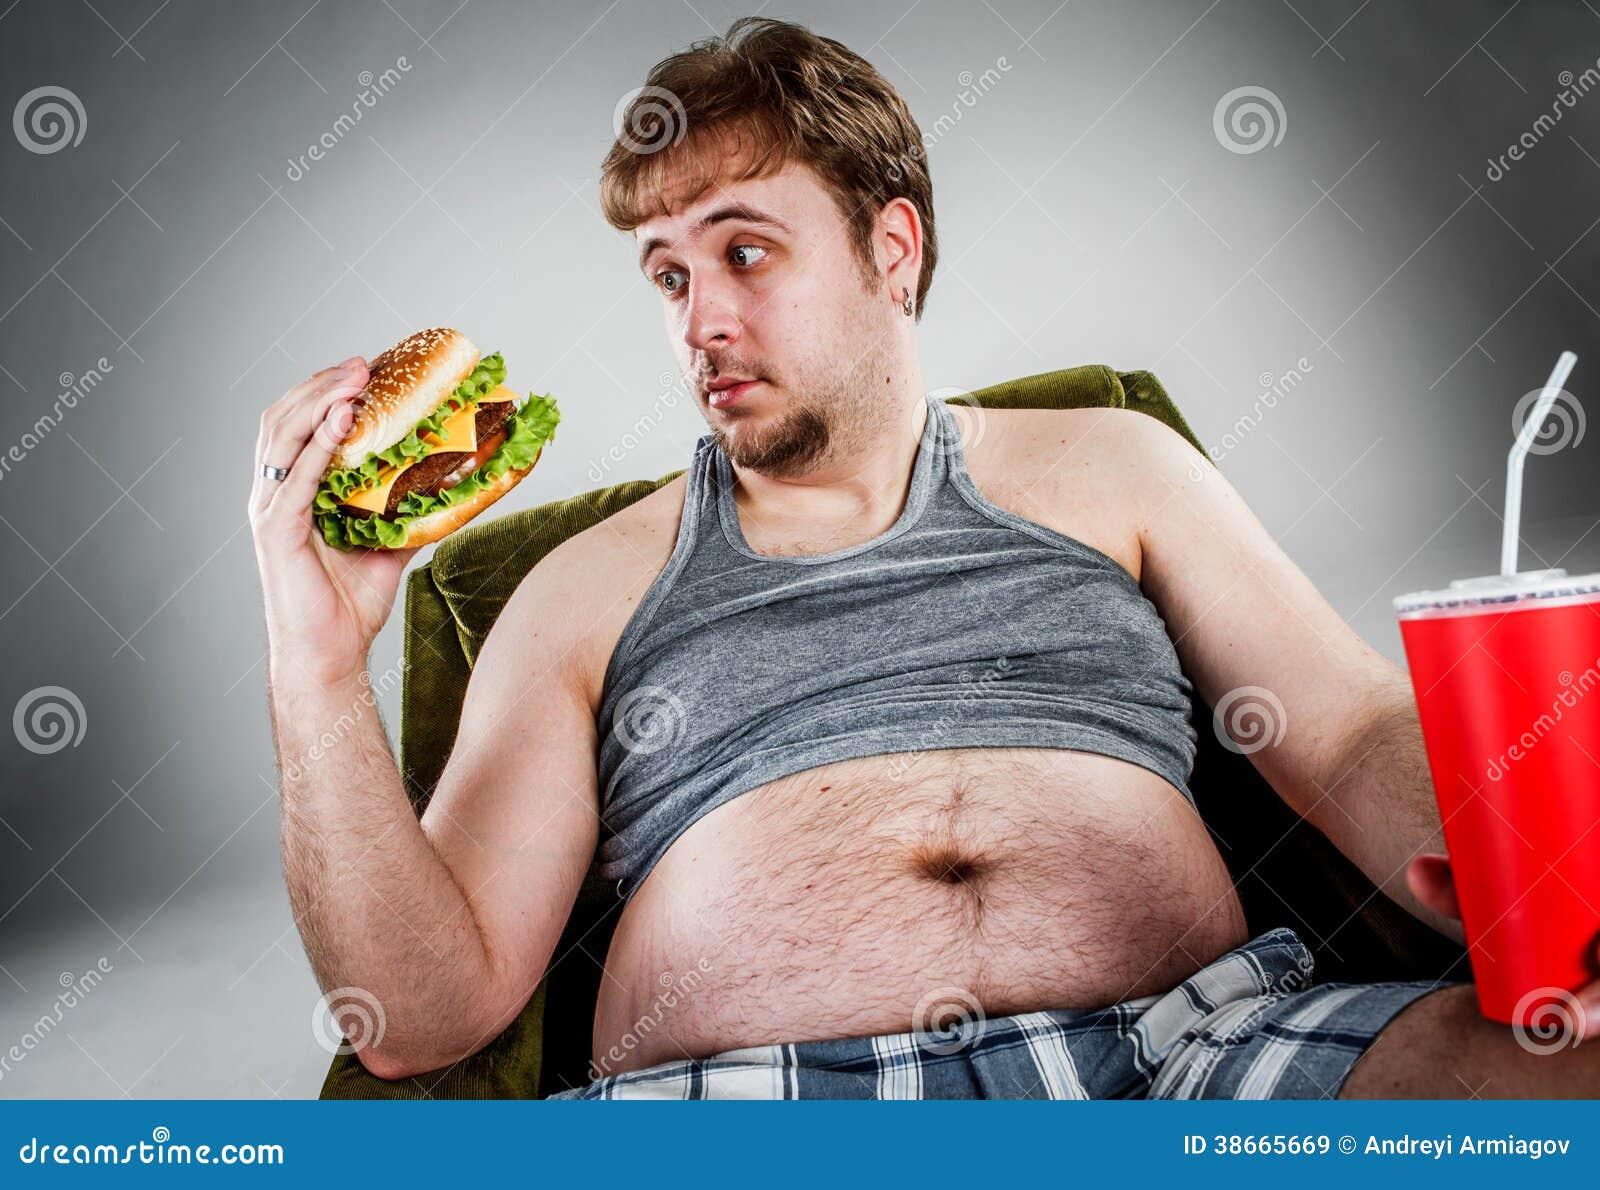 fat man eating hamburger royalty free stock images   image